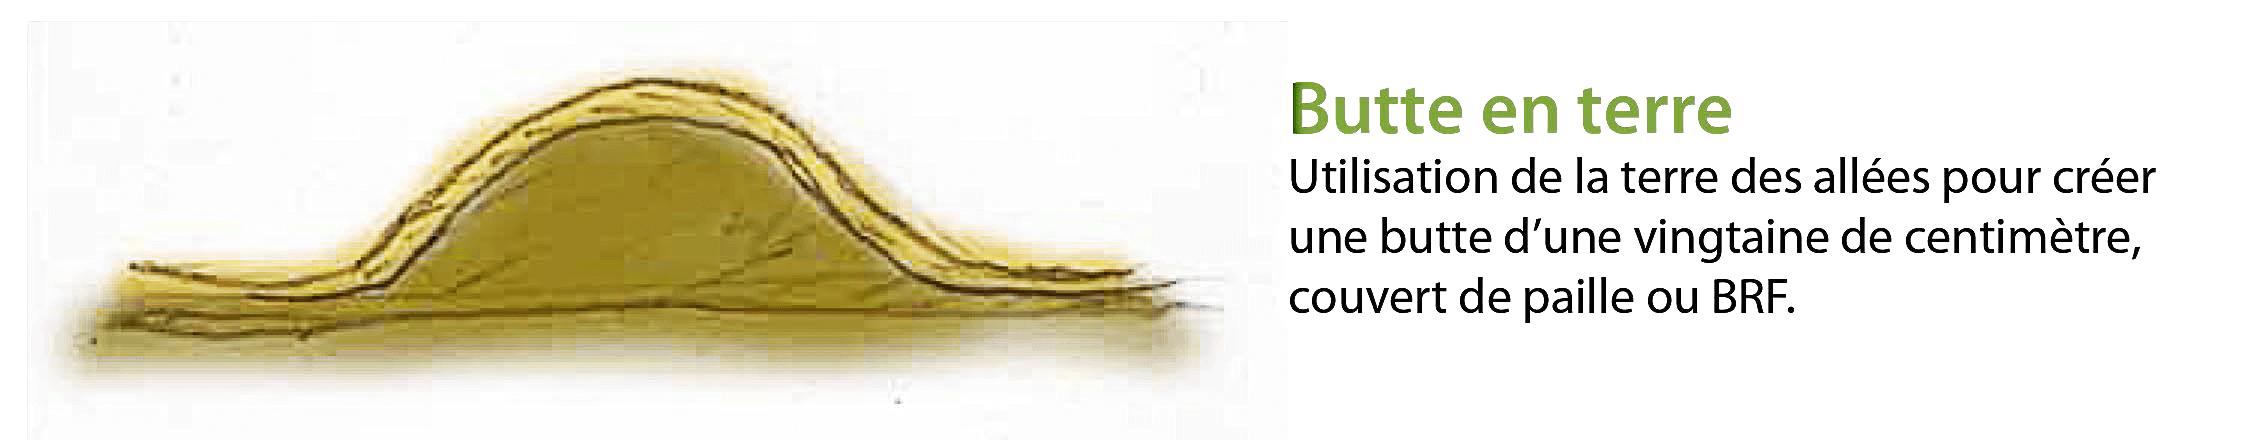 Butte en terre